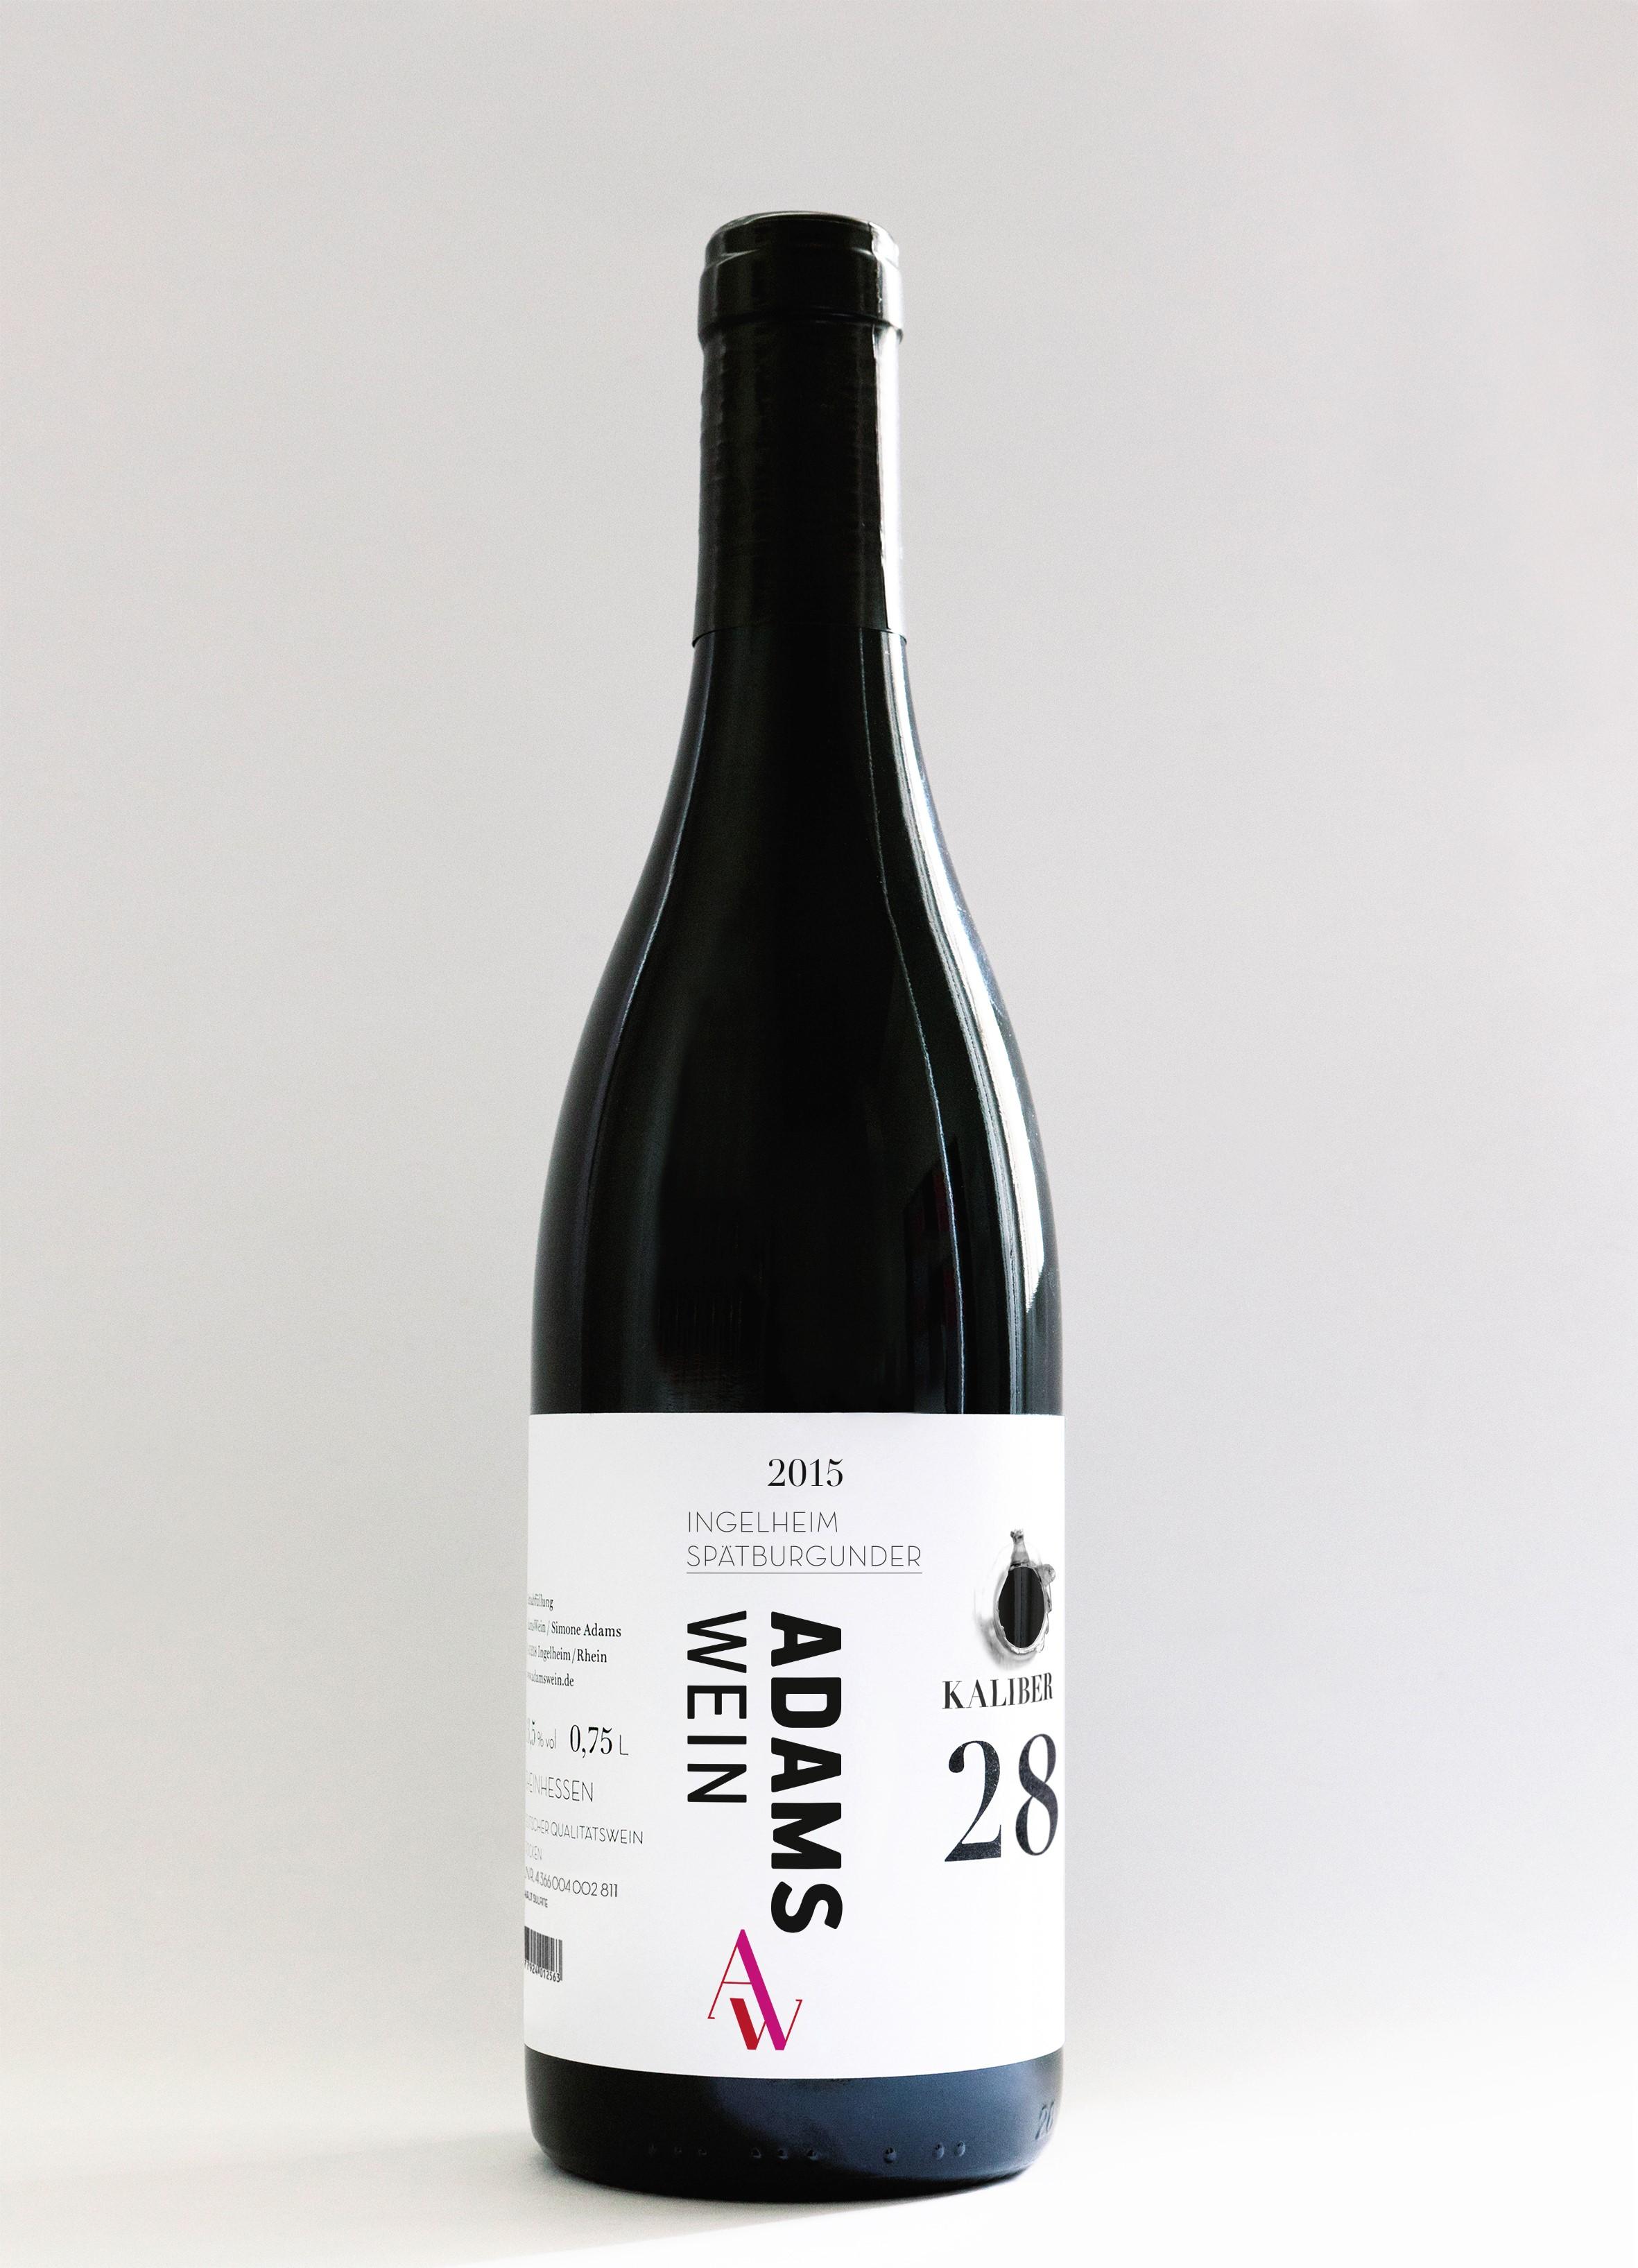 ADAMS-Wein | Kaliber 28 - Spätburgunder Ingelheim